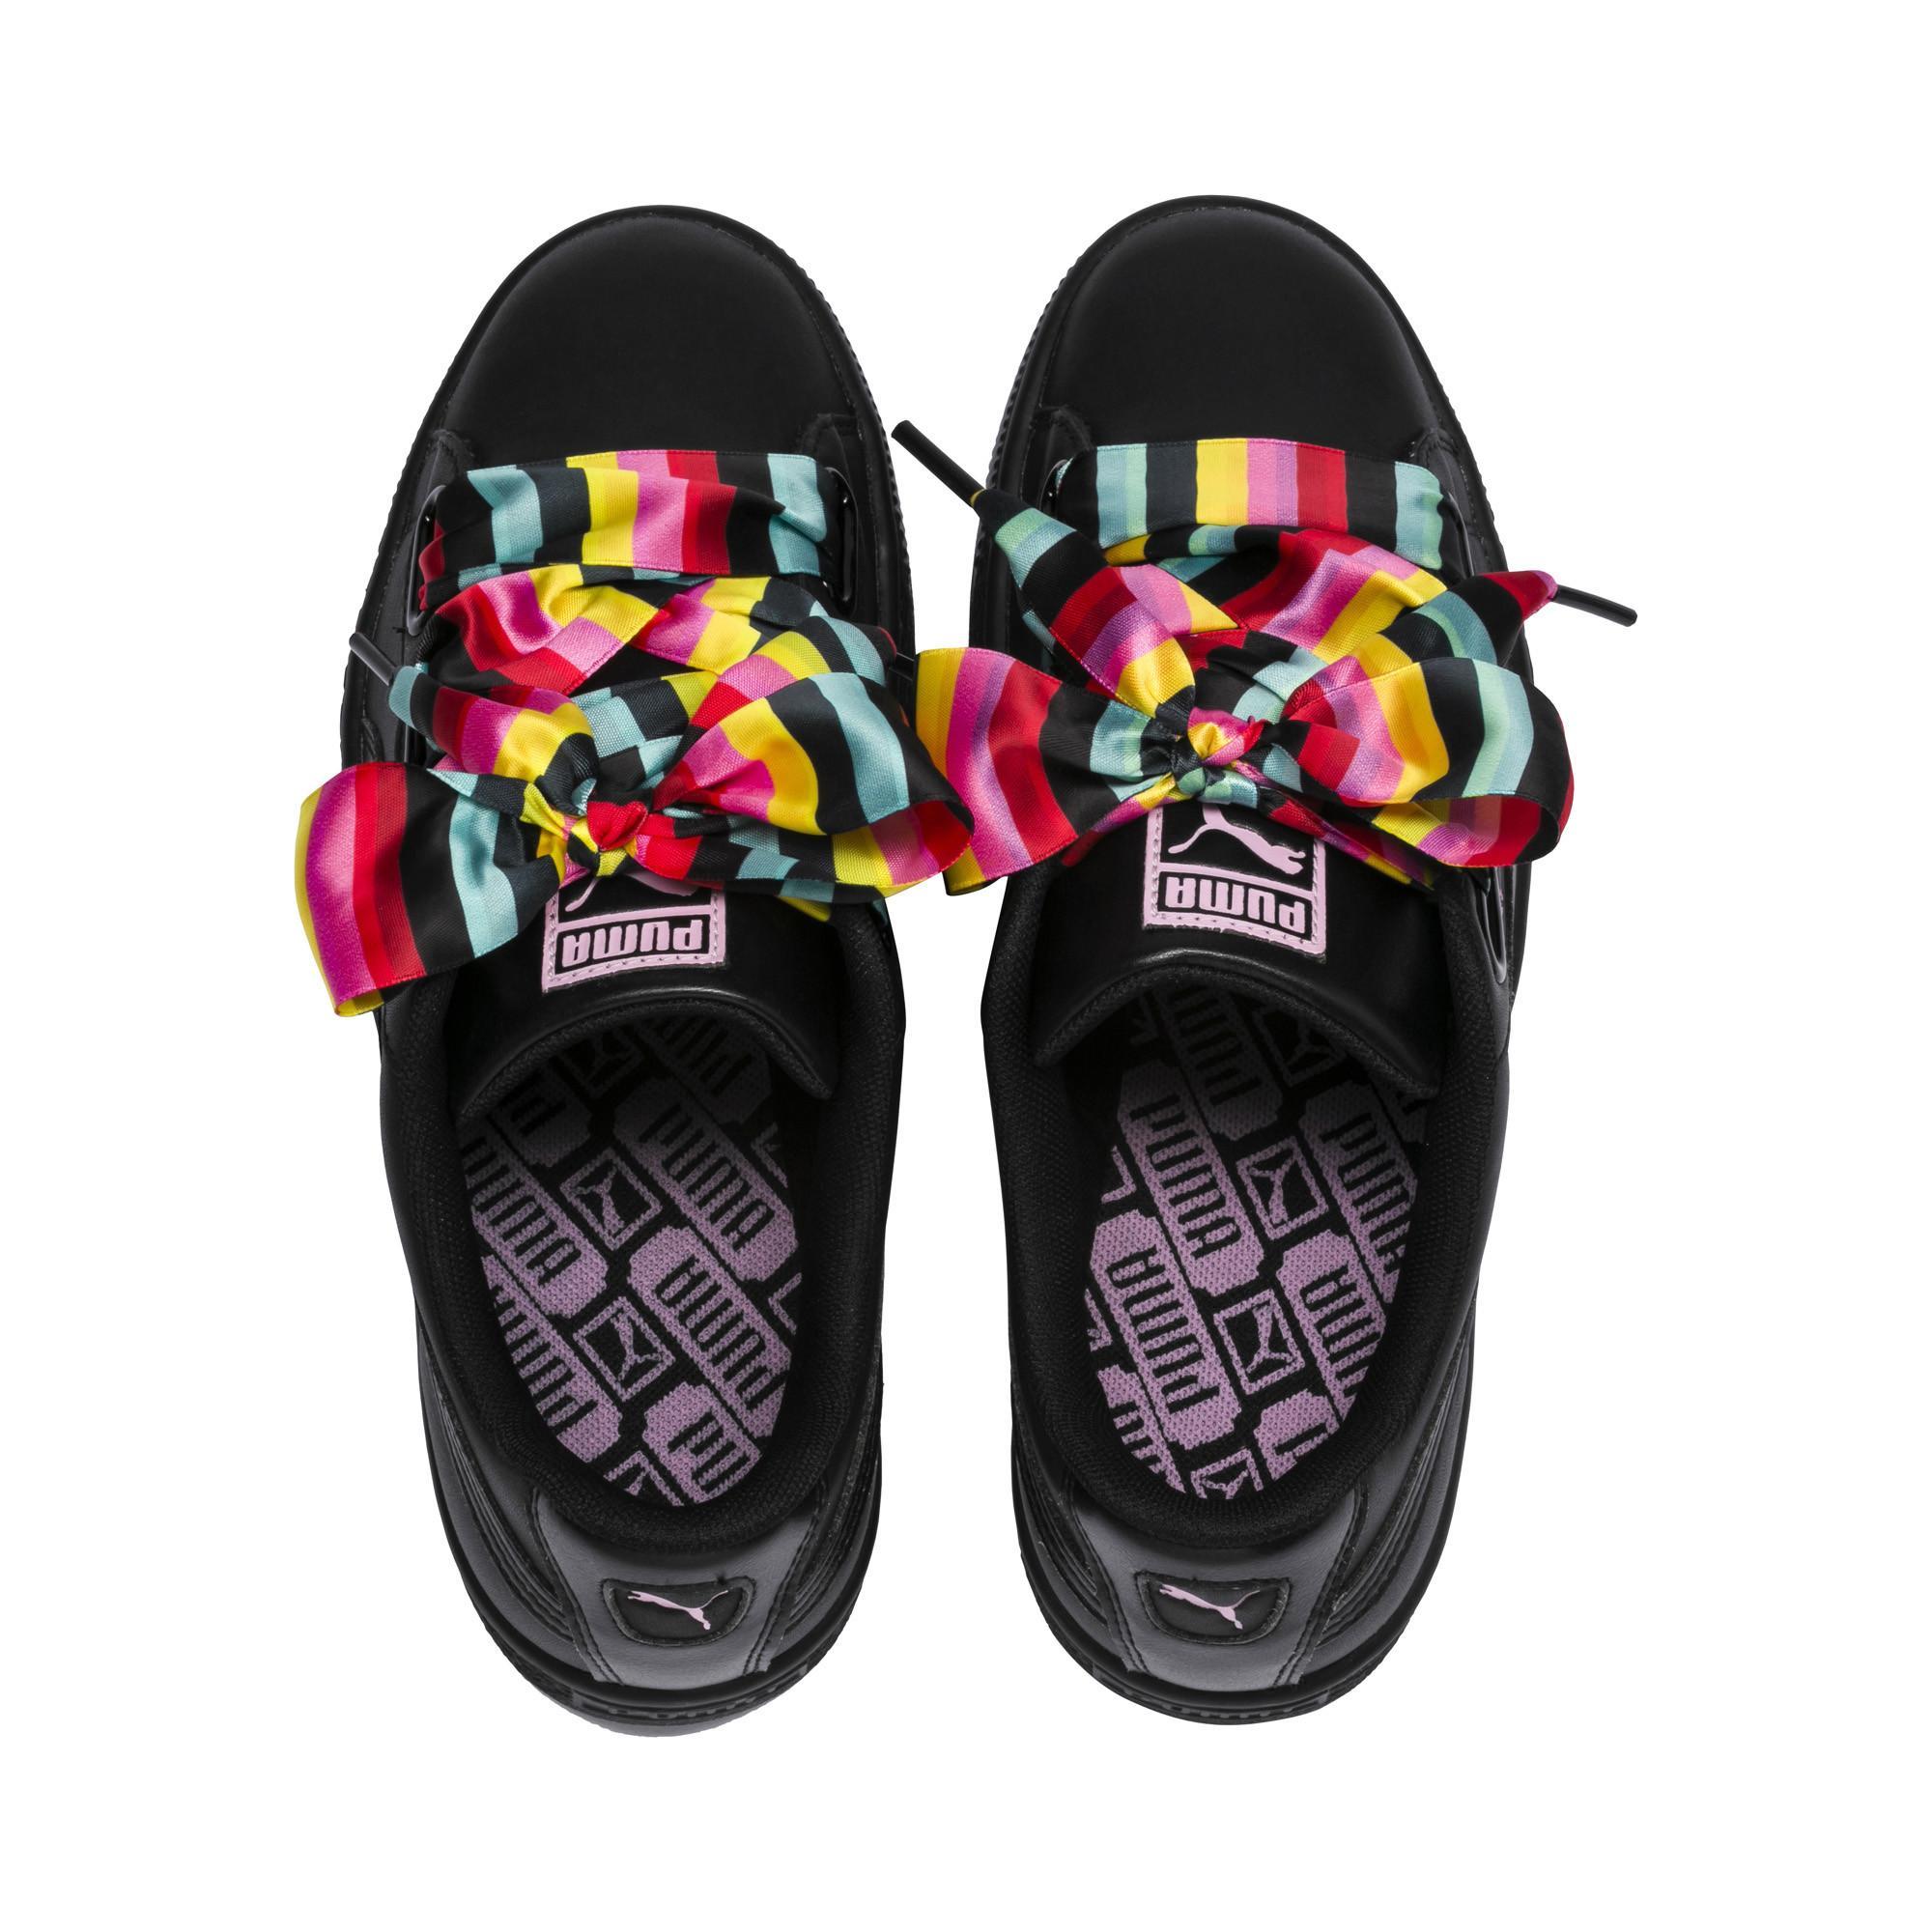 ... Basket Heart Generation Hustle Women s Sneakers - Lyst. View fullscreen 5da90b870